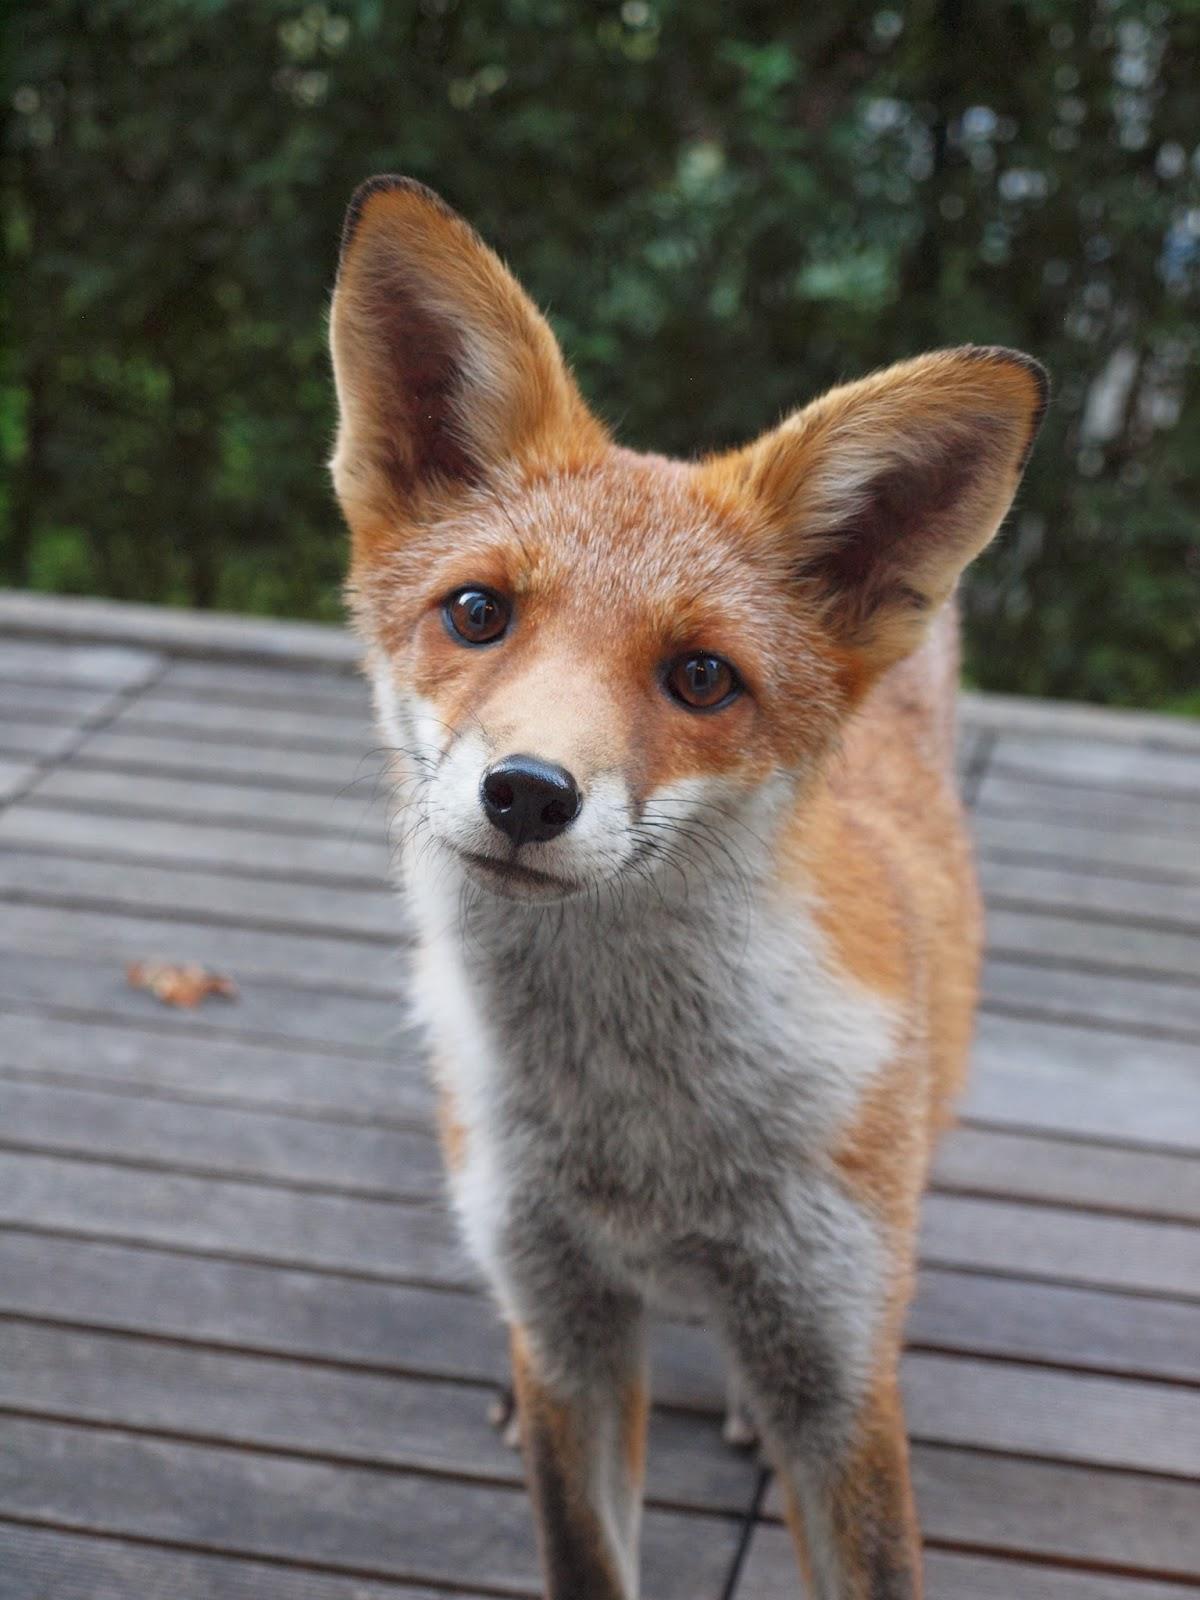 comment vivre avec le renard bruxelles bruxelles environnement chasse zoologie. Black Bedroom Furniture Sets. Home Design Ideas